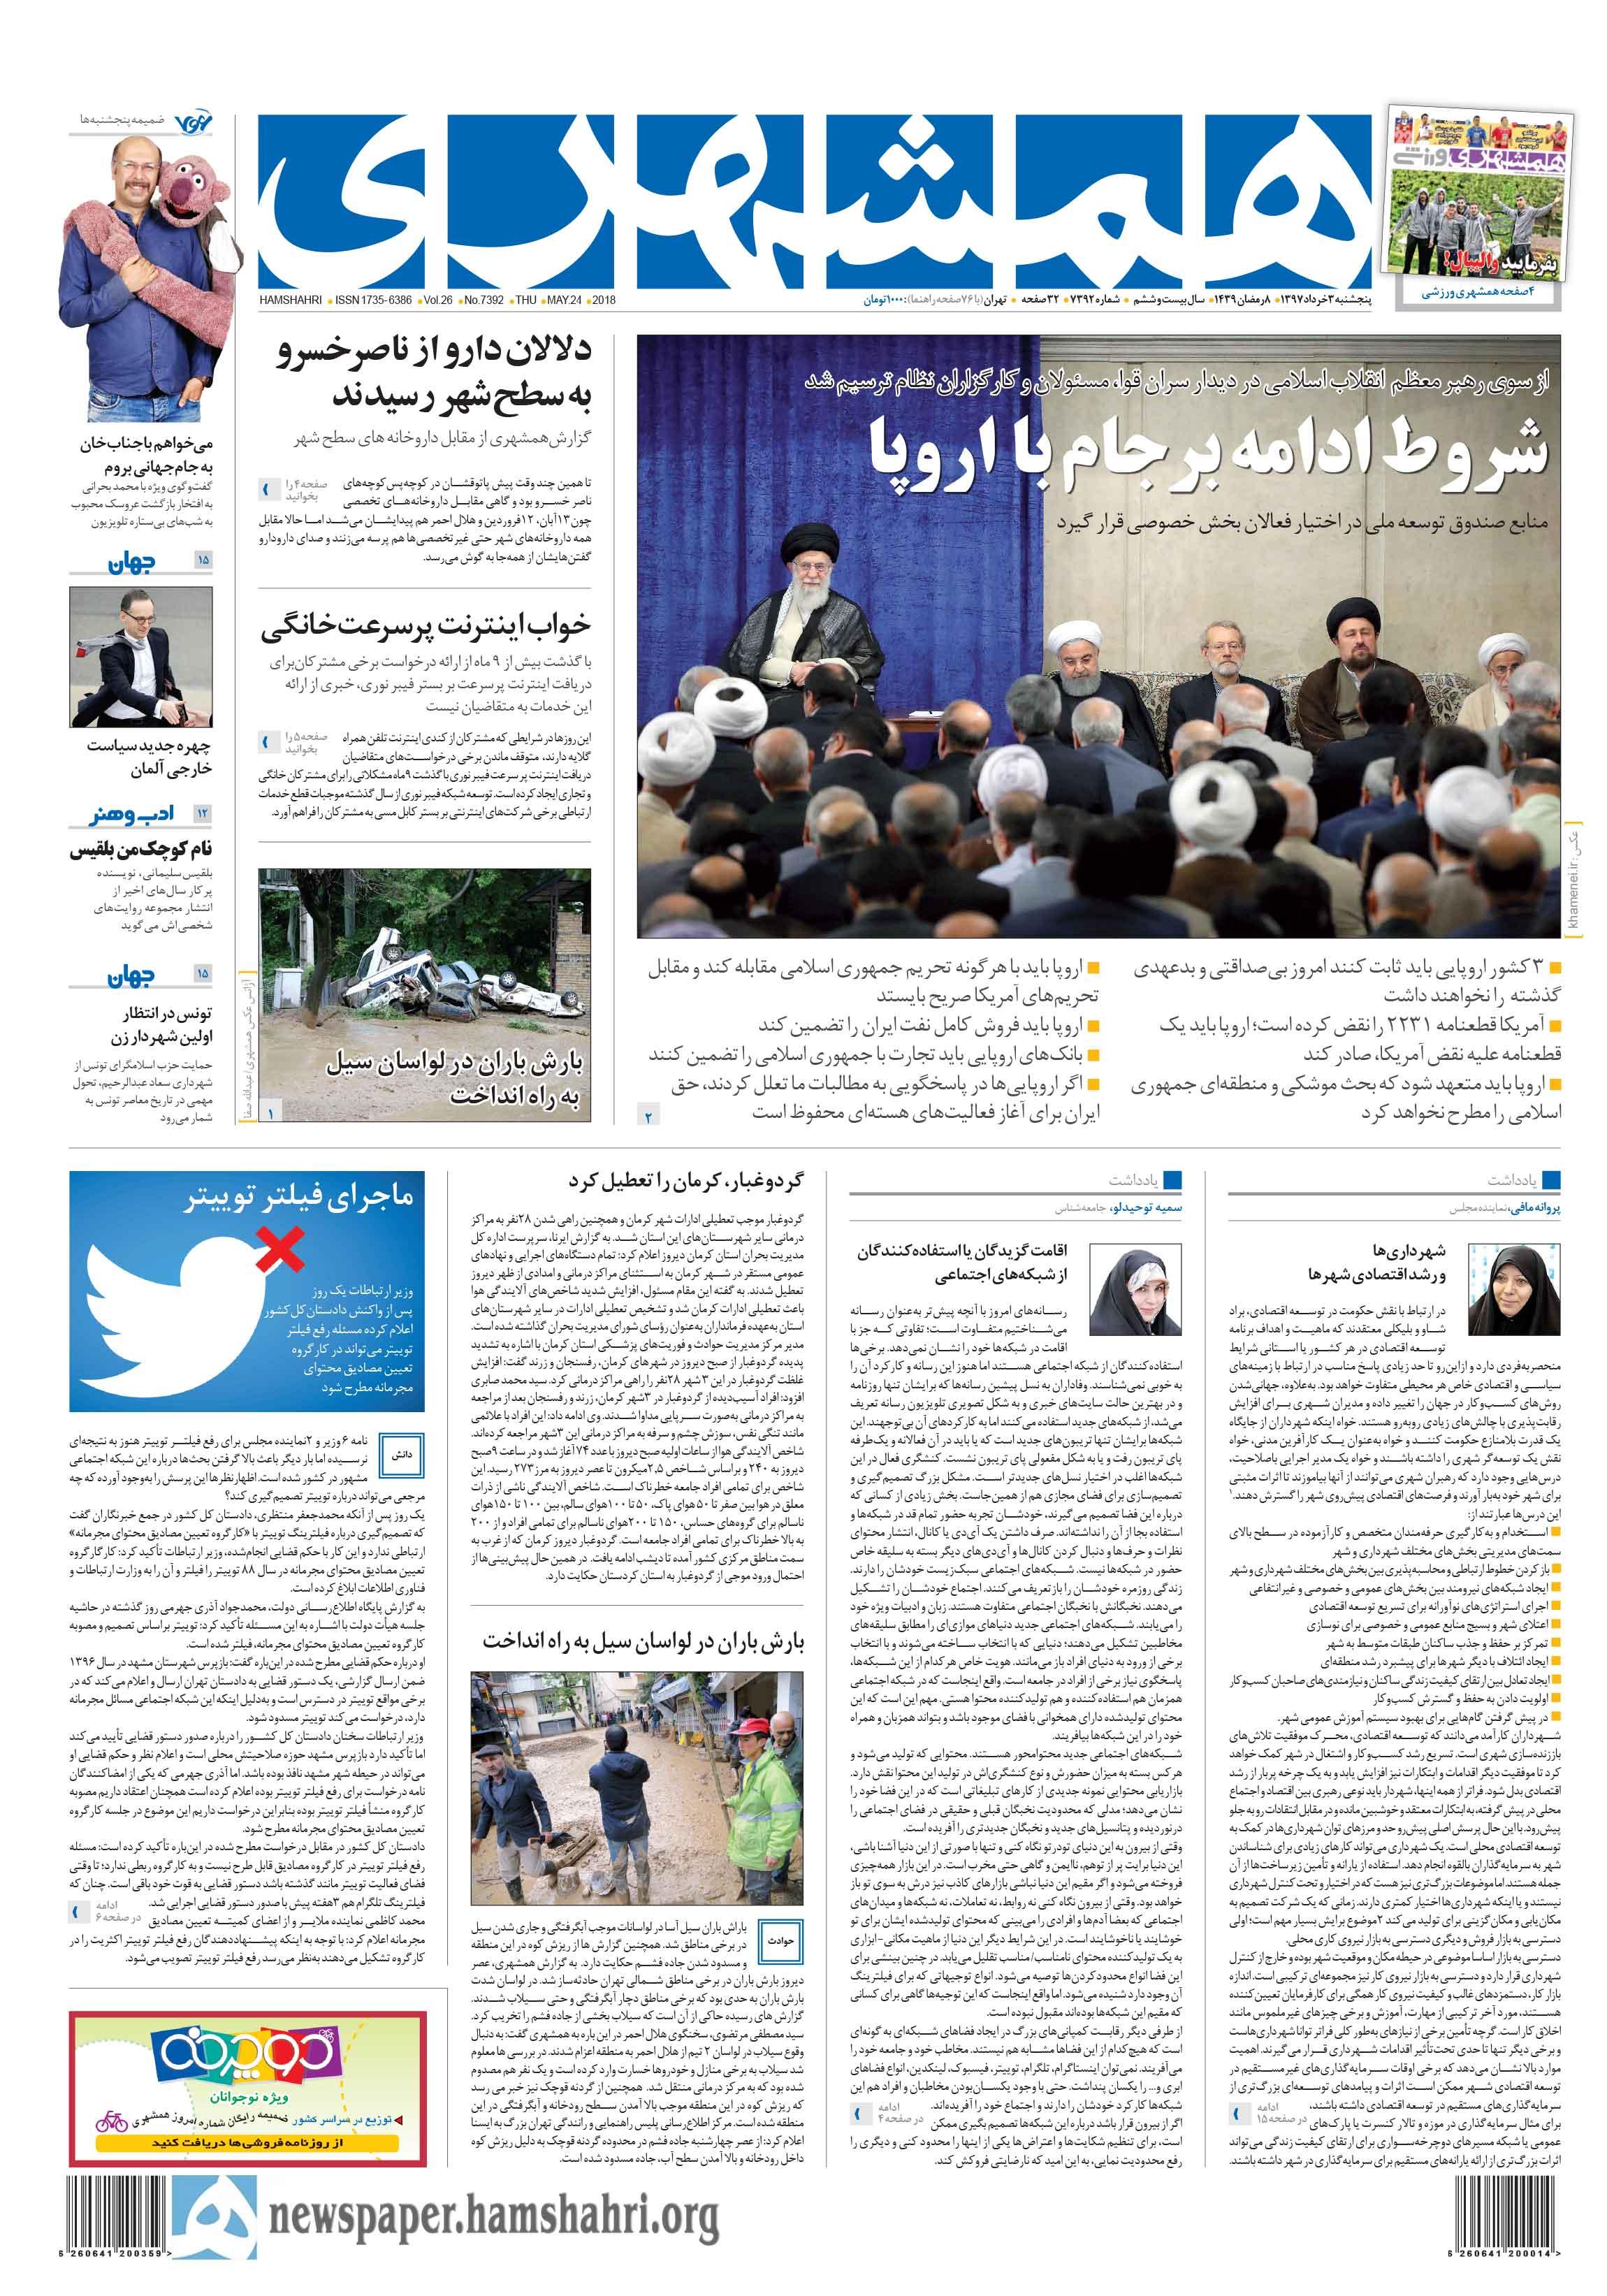 صفحه اول پنجشنبه 3 خرداد 1397